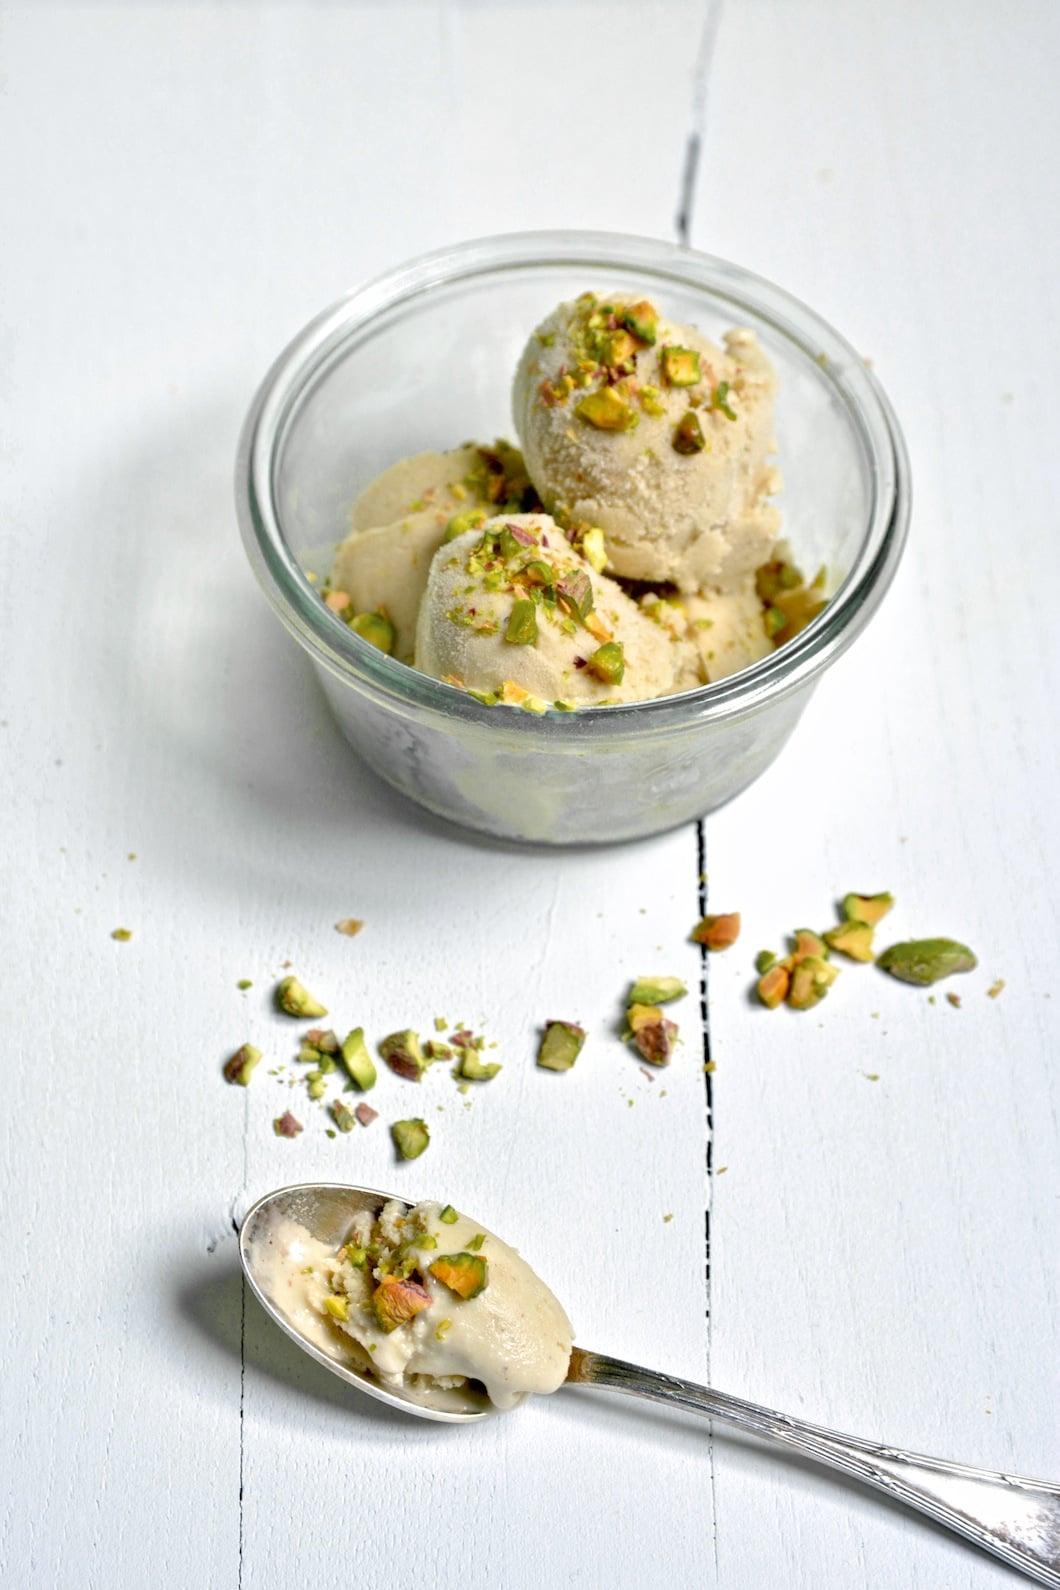 Glace à la pistache (trop bonne) sans lactose, sans gluten et vegan - 22 v'la Scarlett